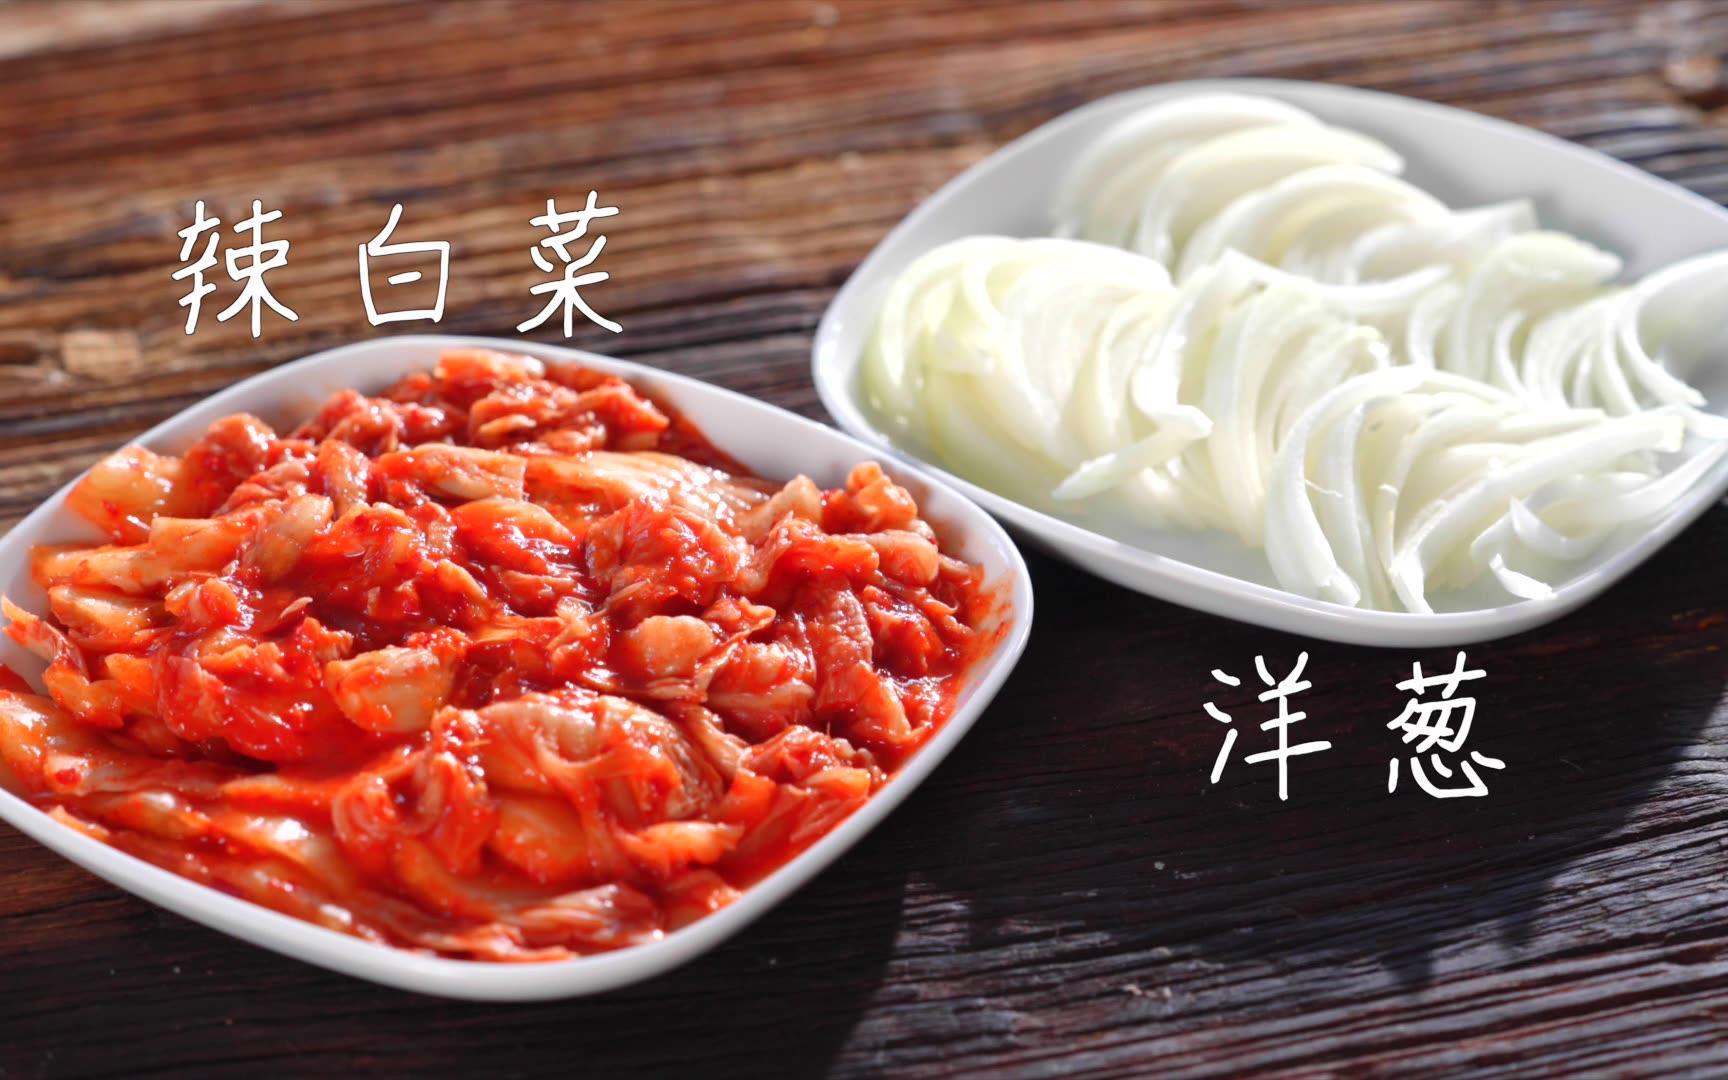 豆瓣9.2神剧《迷雾》,热剧多好看,泡菜五花肉就有多好吃